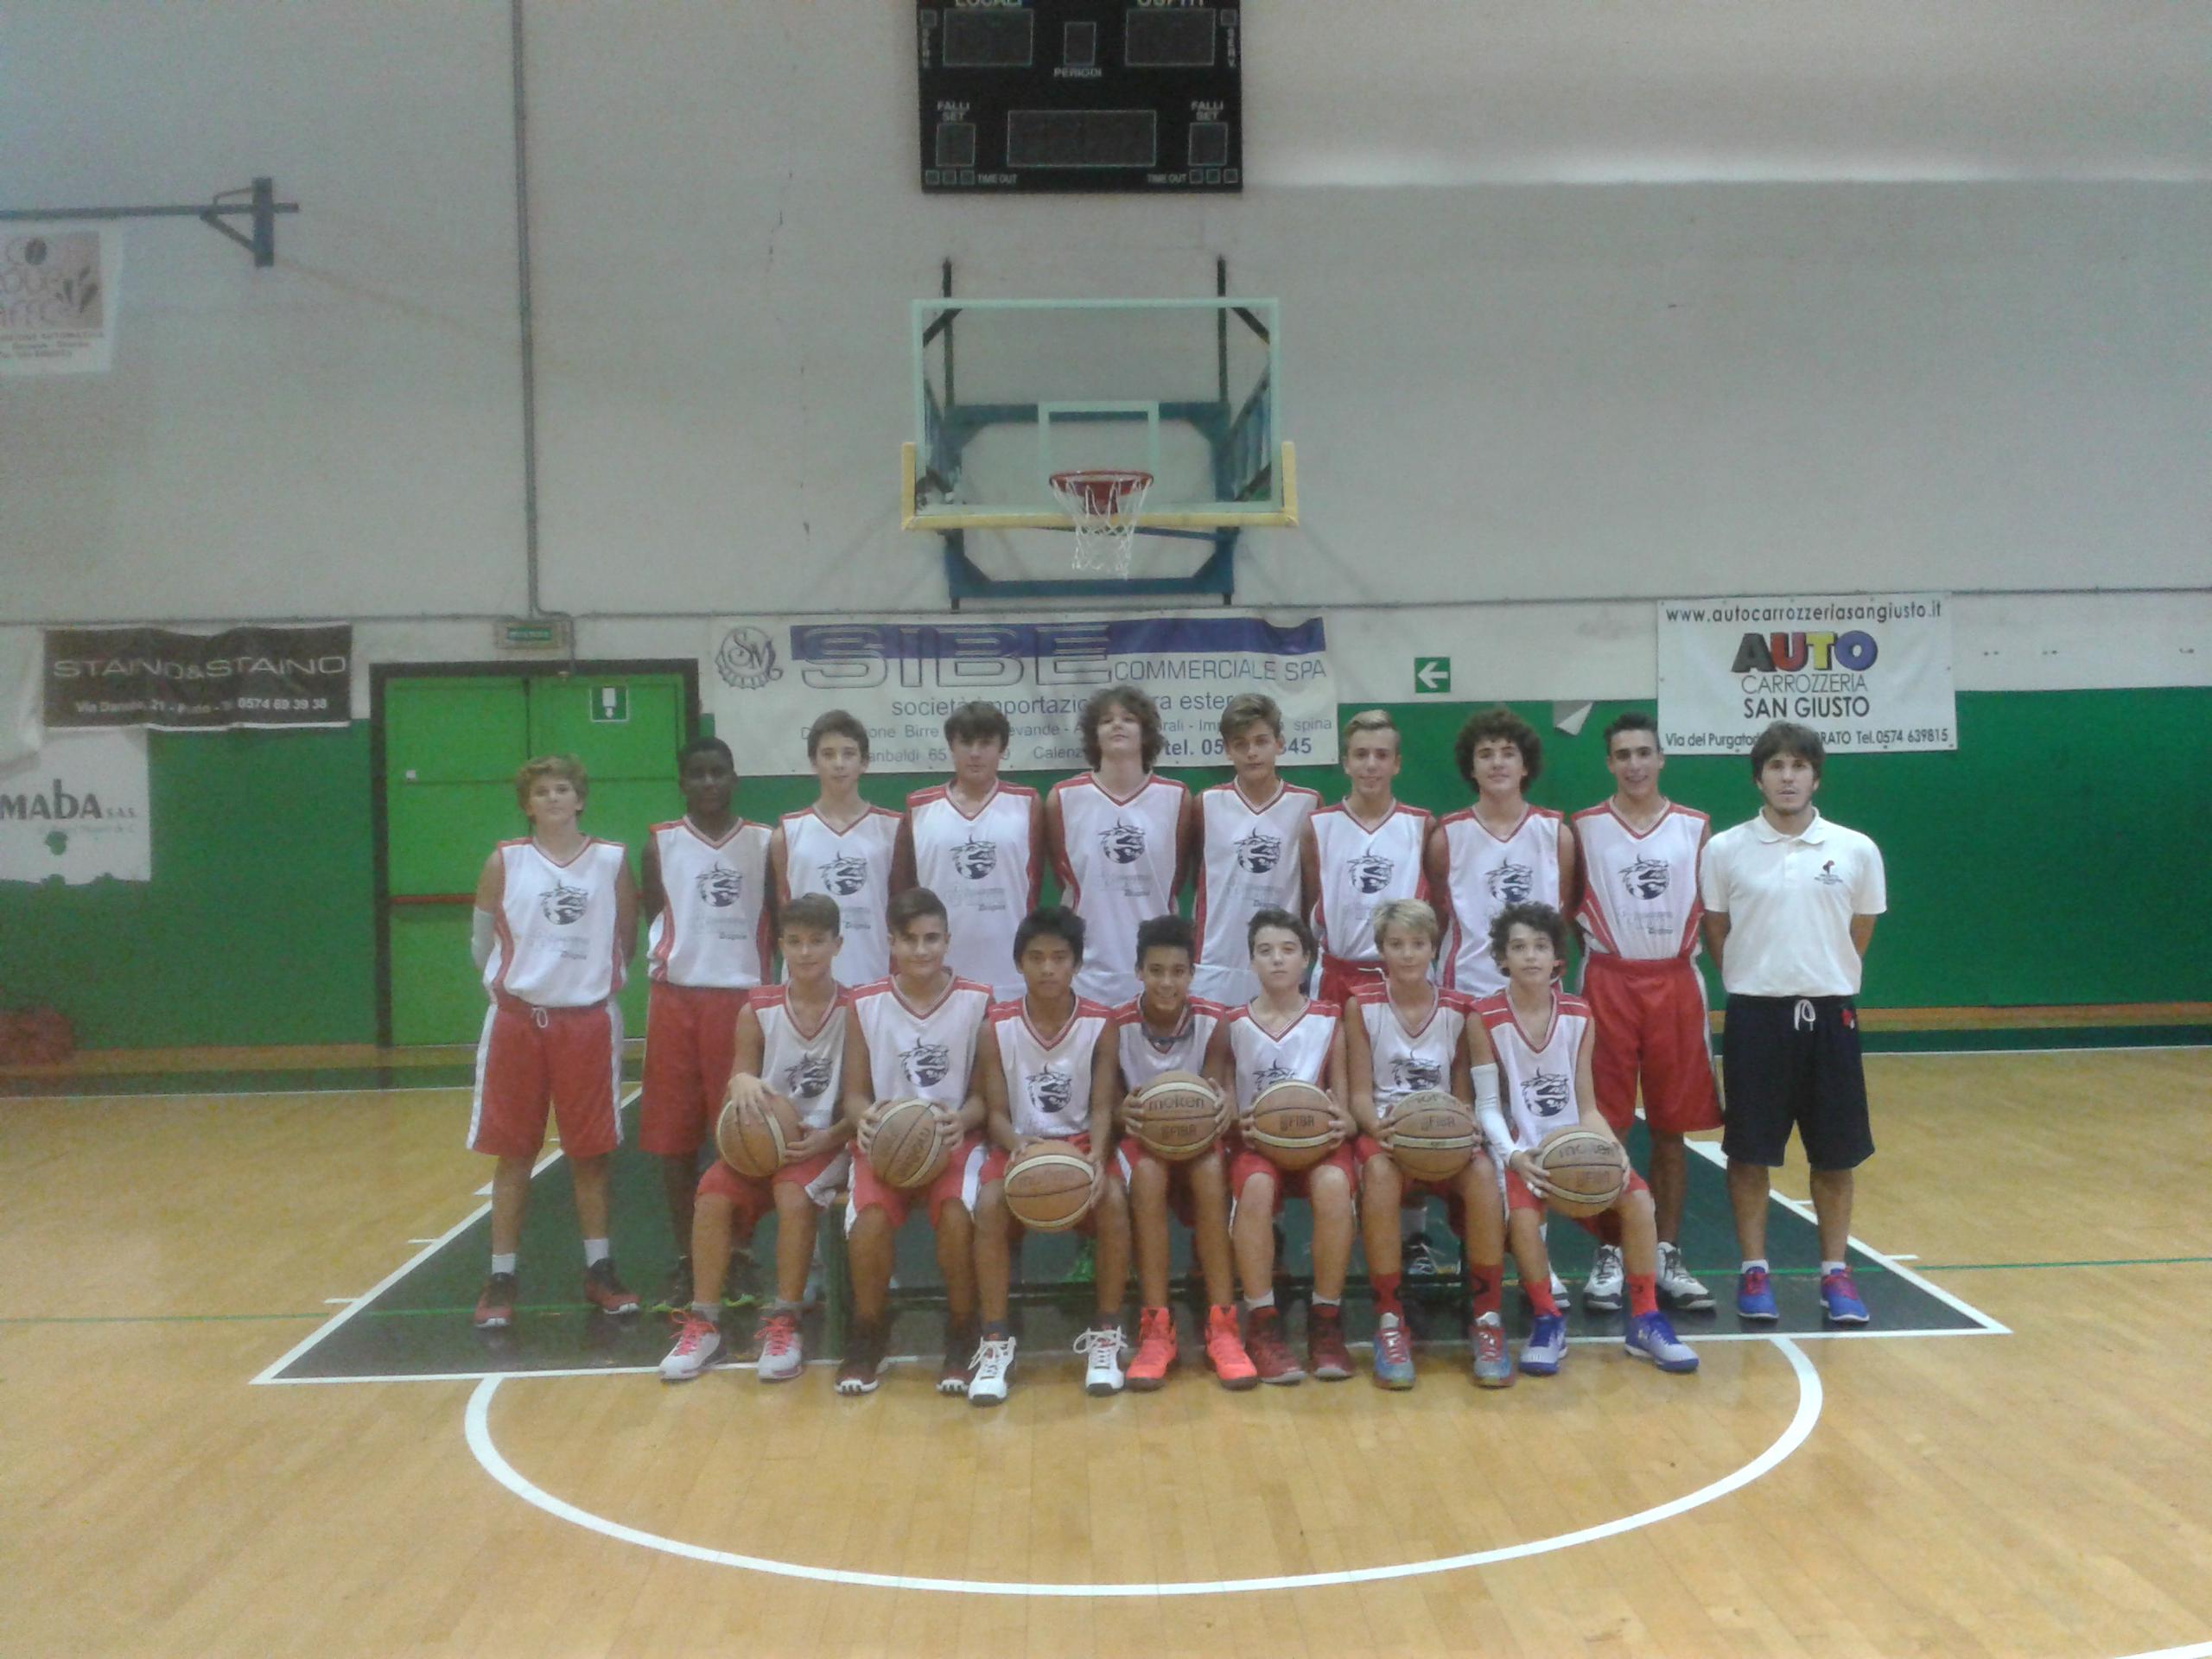 U14 ELITE – Grande giornata di pallacanestro a Prato